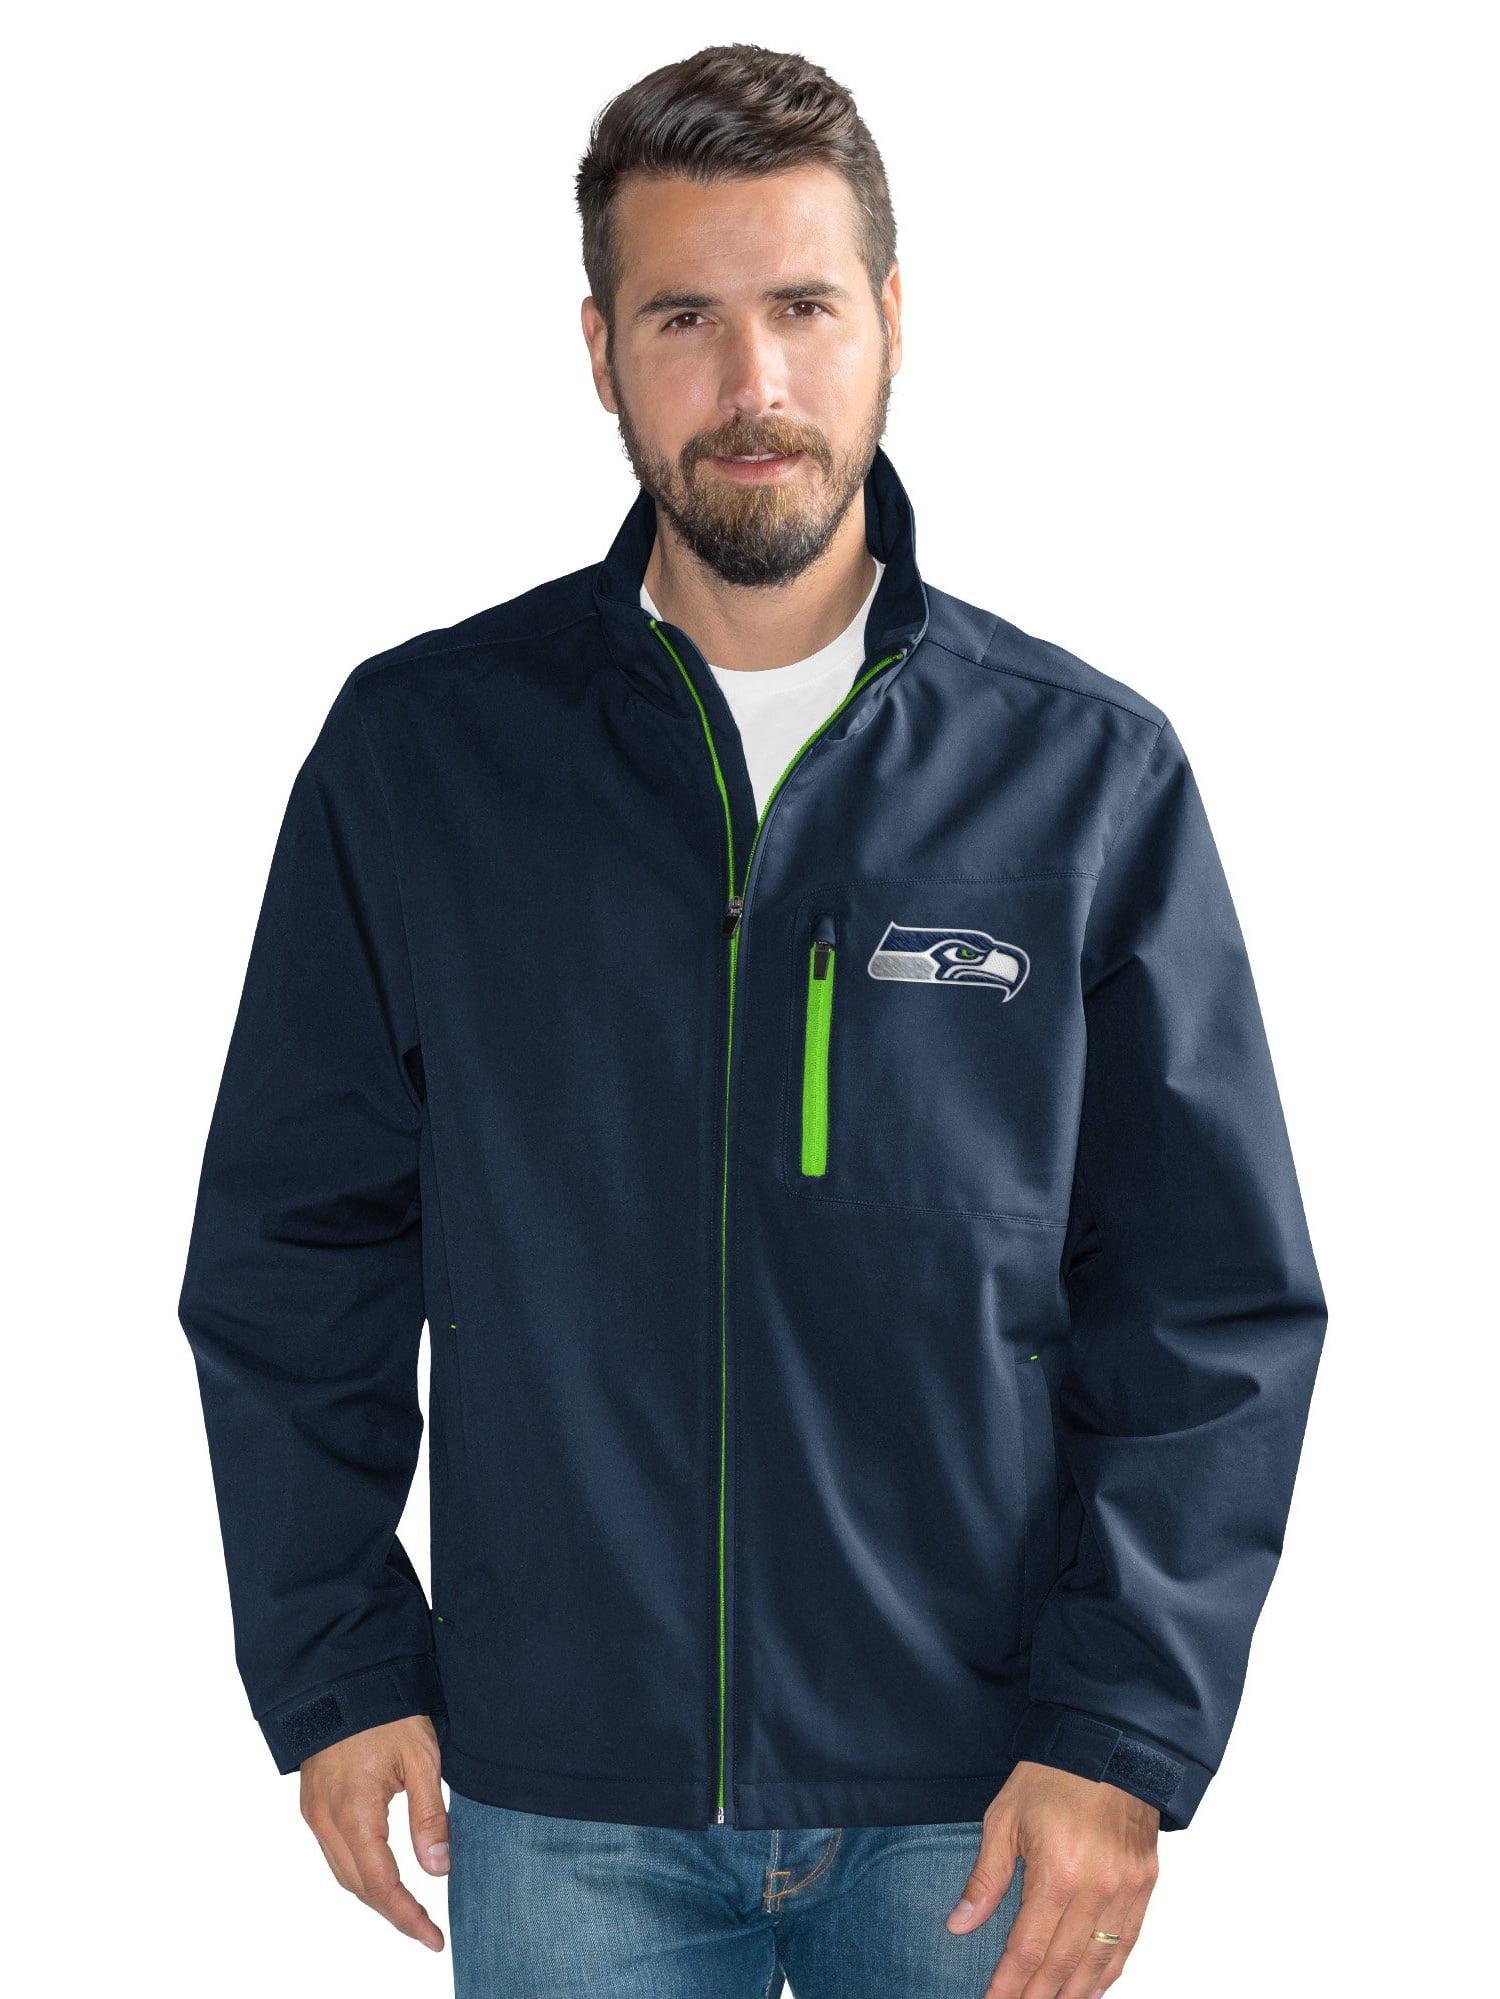 Seattle Seahawks Men's Defender Soft Shell Full Zip Jacket by G-III Sports